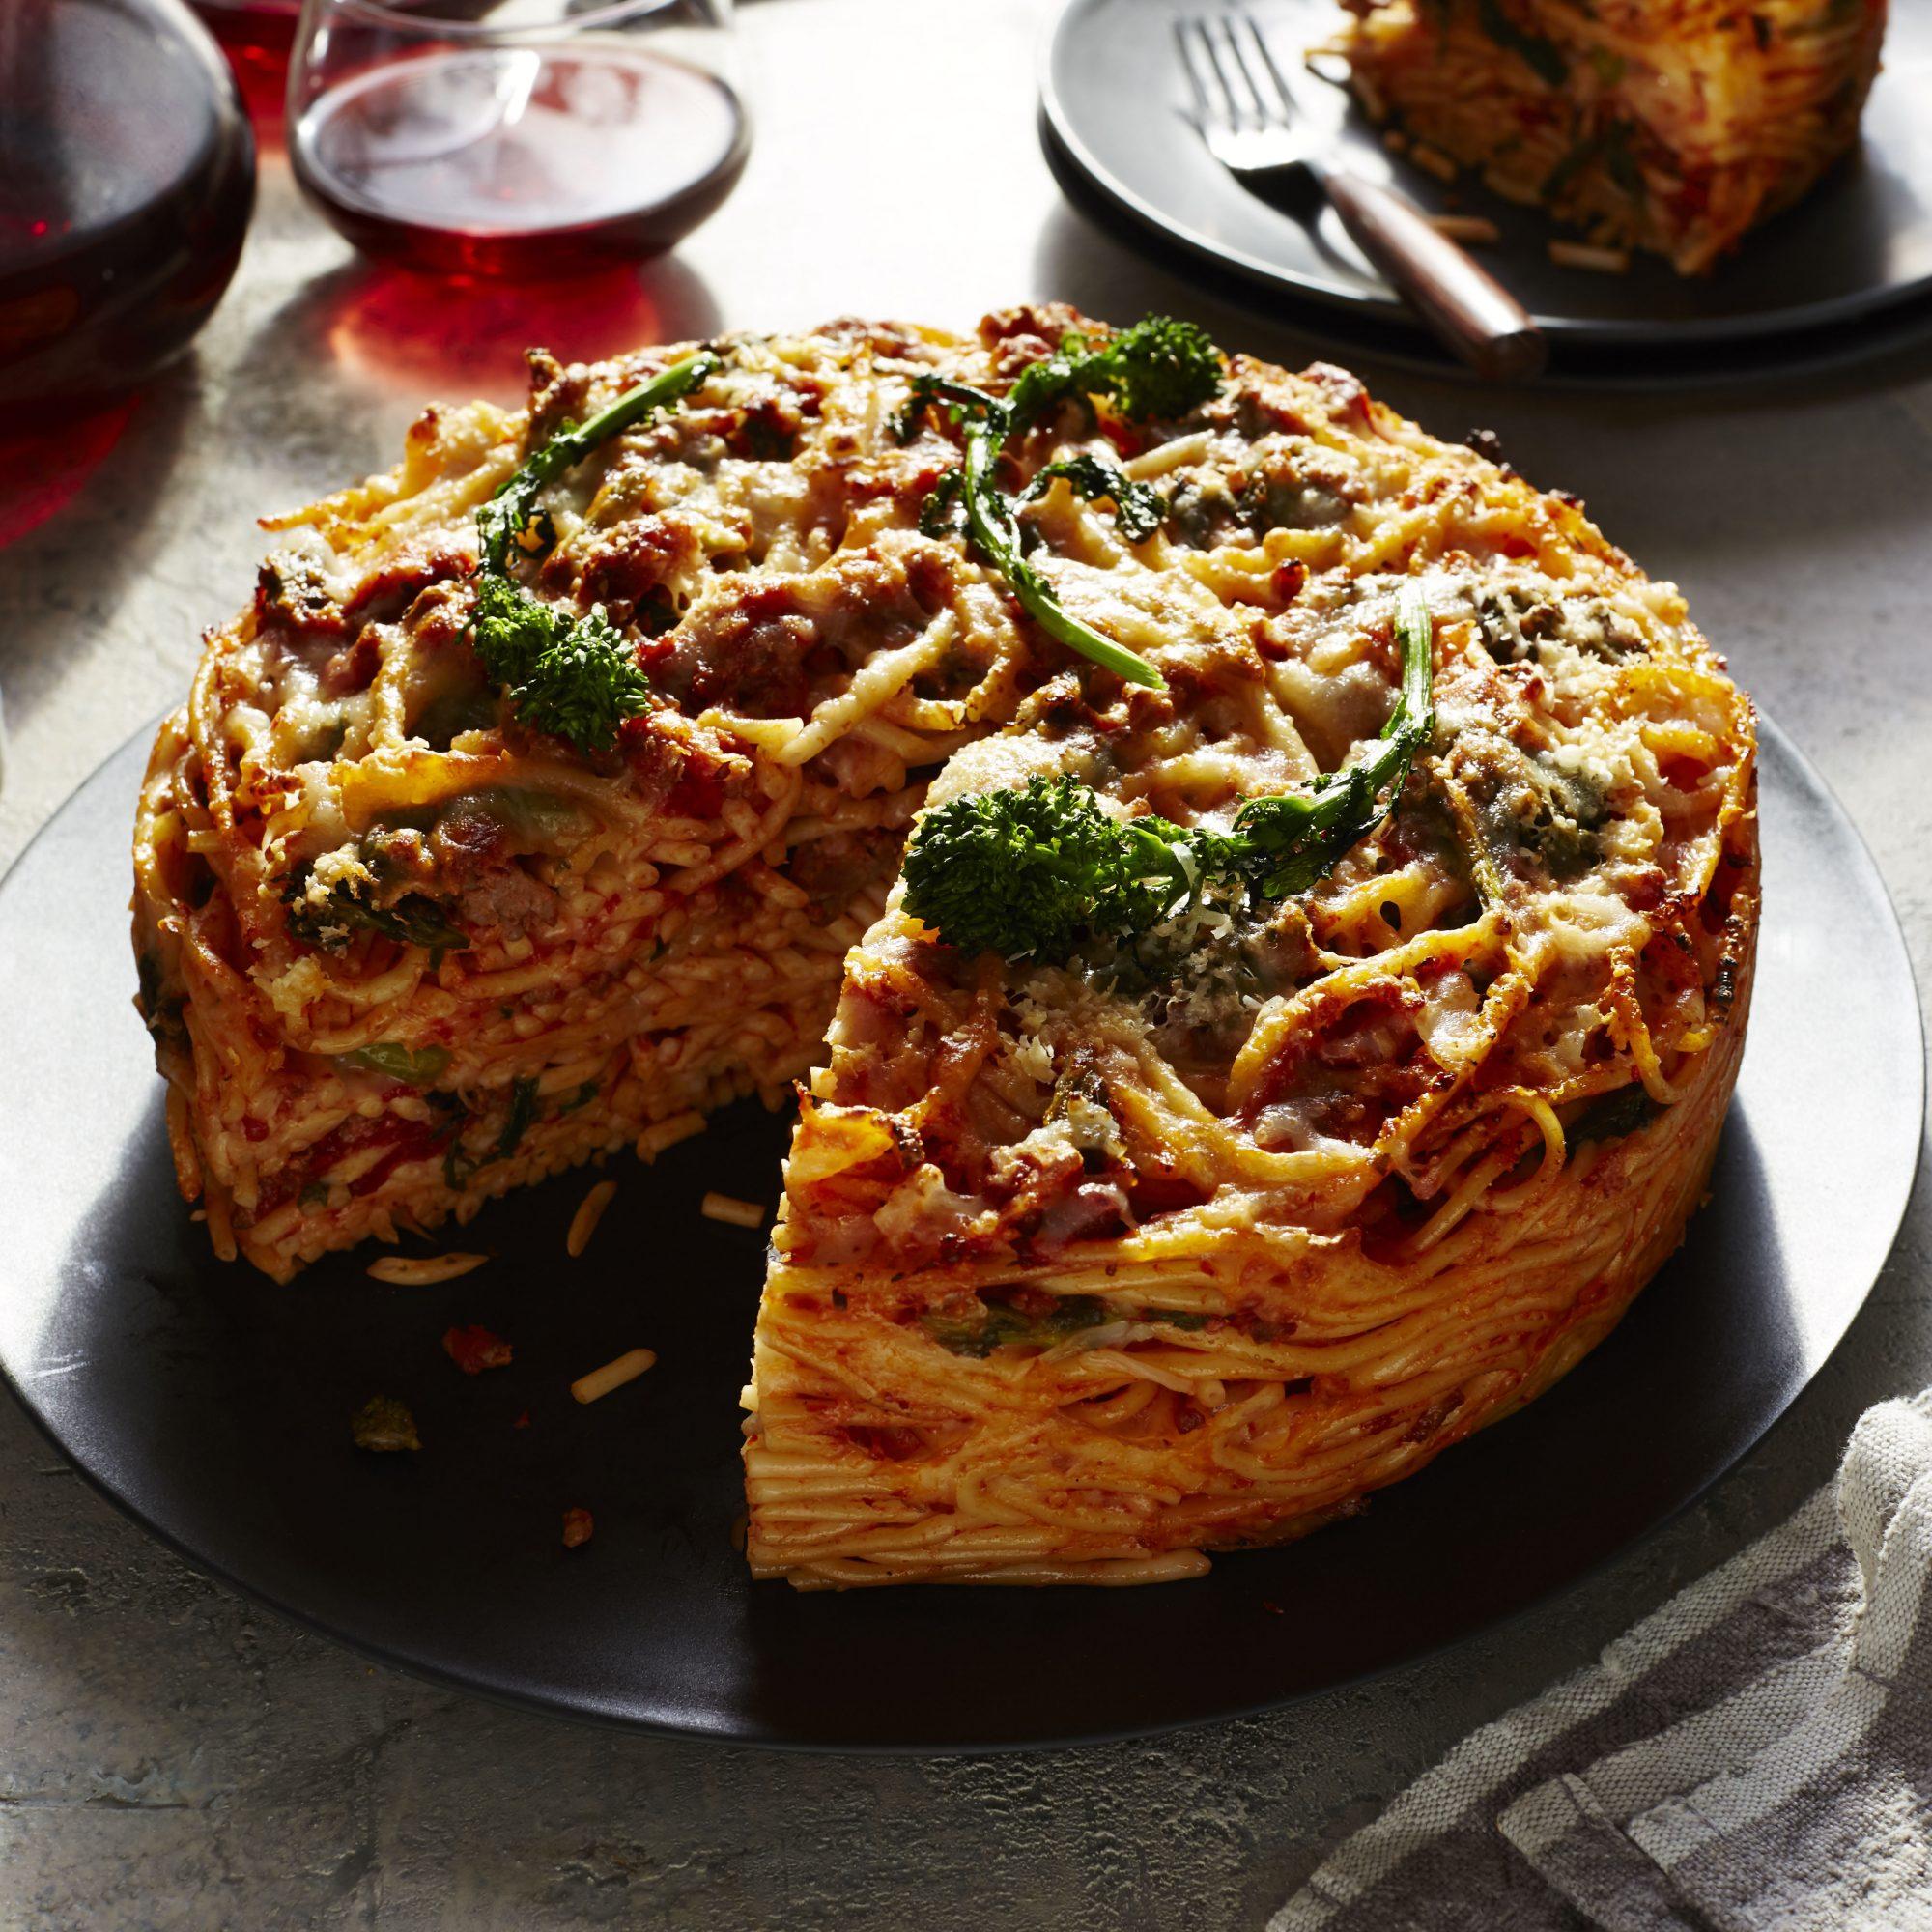 Sausage and Broccoli Rabe Pasta Pie